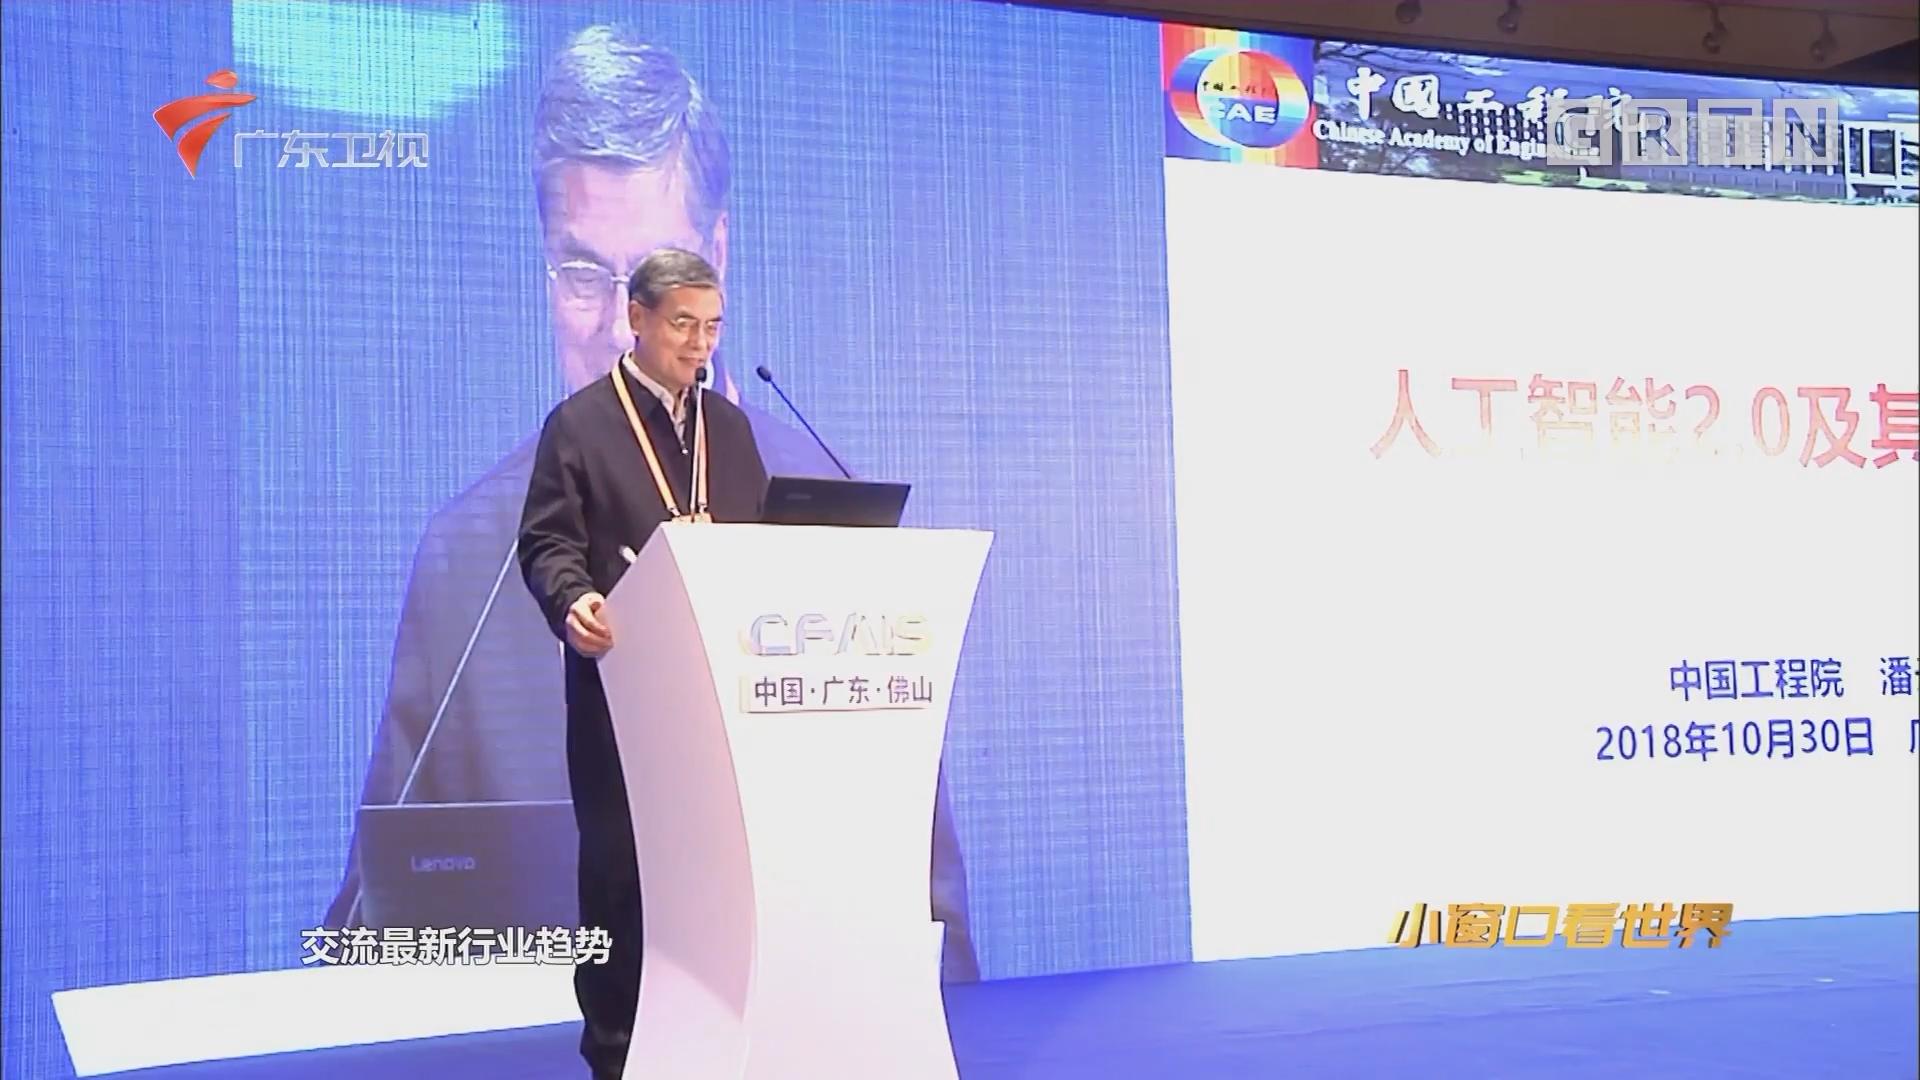 2018中国·佛山人工智能与智能制造国际大会启幕 多个重大项目签约落地